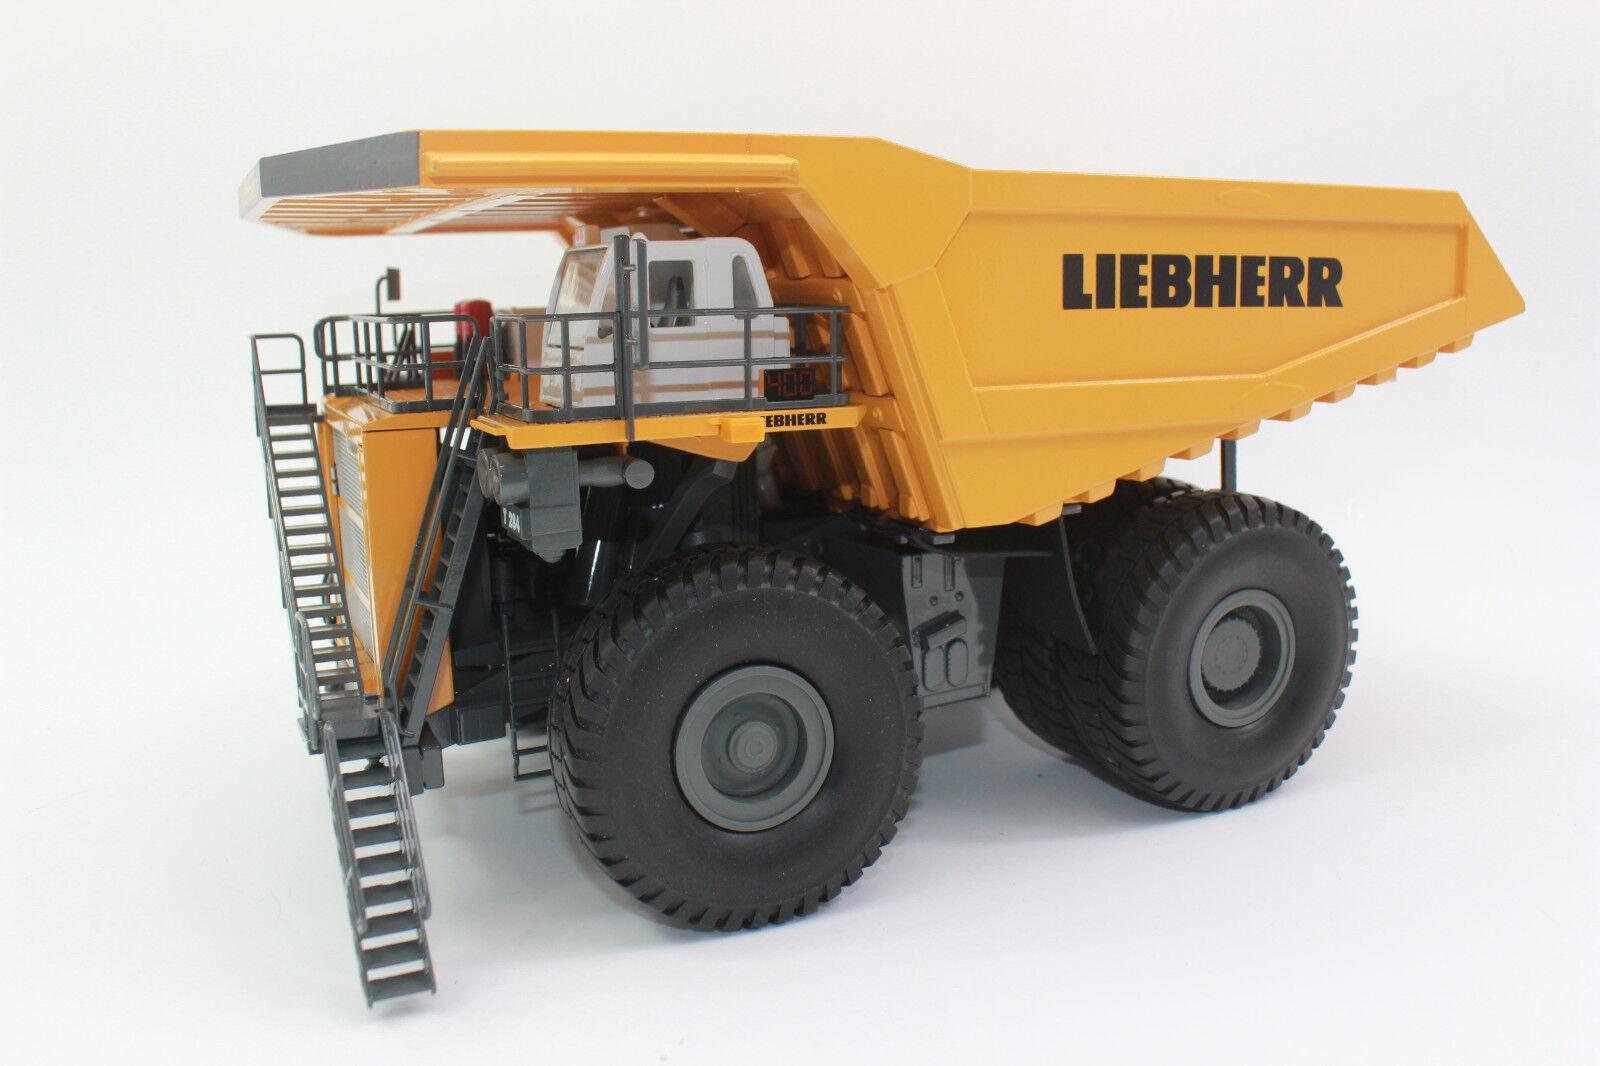 respuestas rápidas XX Conrad 2766 1 amarillo Liebherr t 284 284 284 camiones de volteo 1 50 nuevo en OVP XX  Para tu estilo de juego a los precios más baratos.